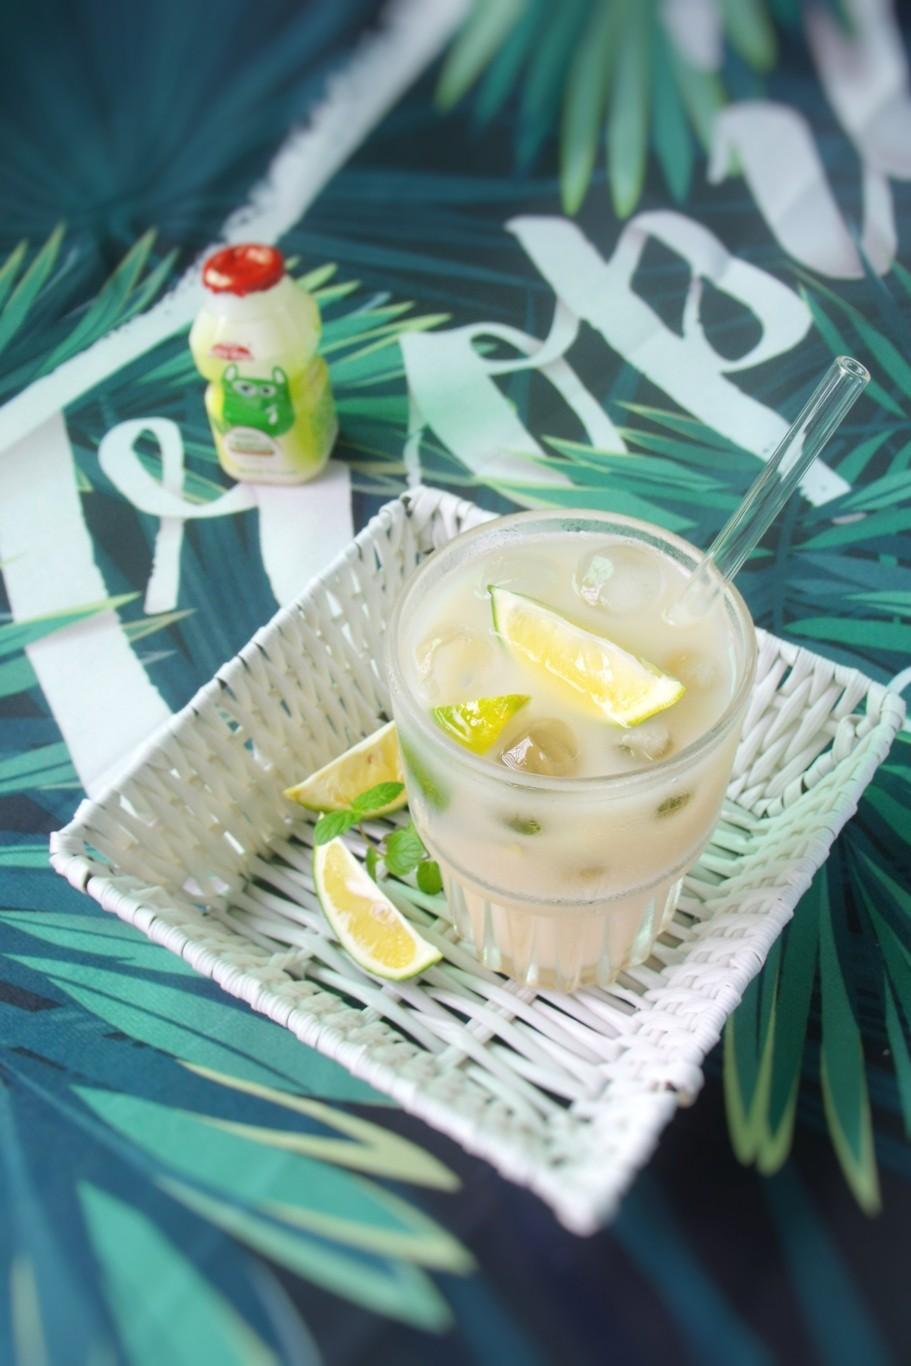 乳酸菌绿茶柠檬饮成品图